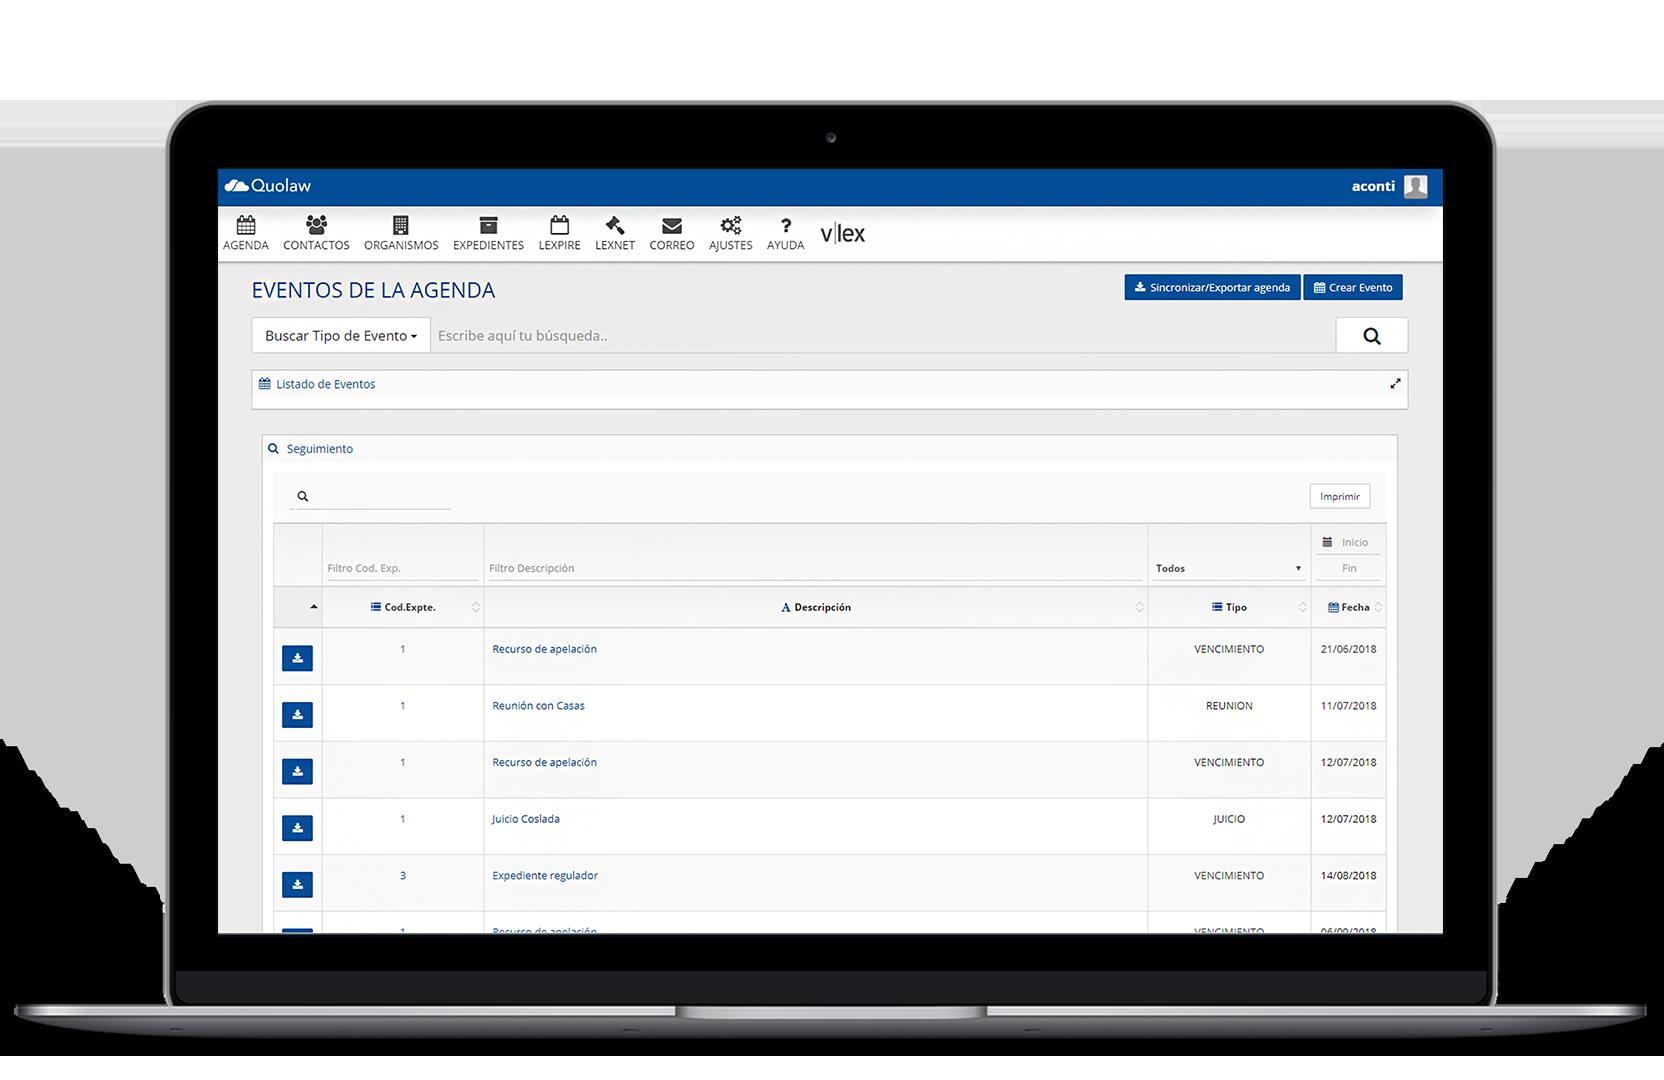 Quolaw gestión de despachos online